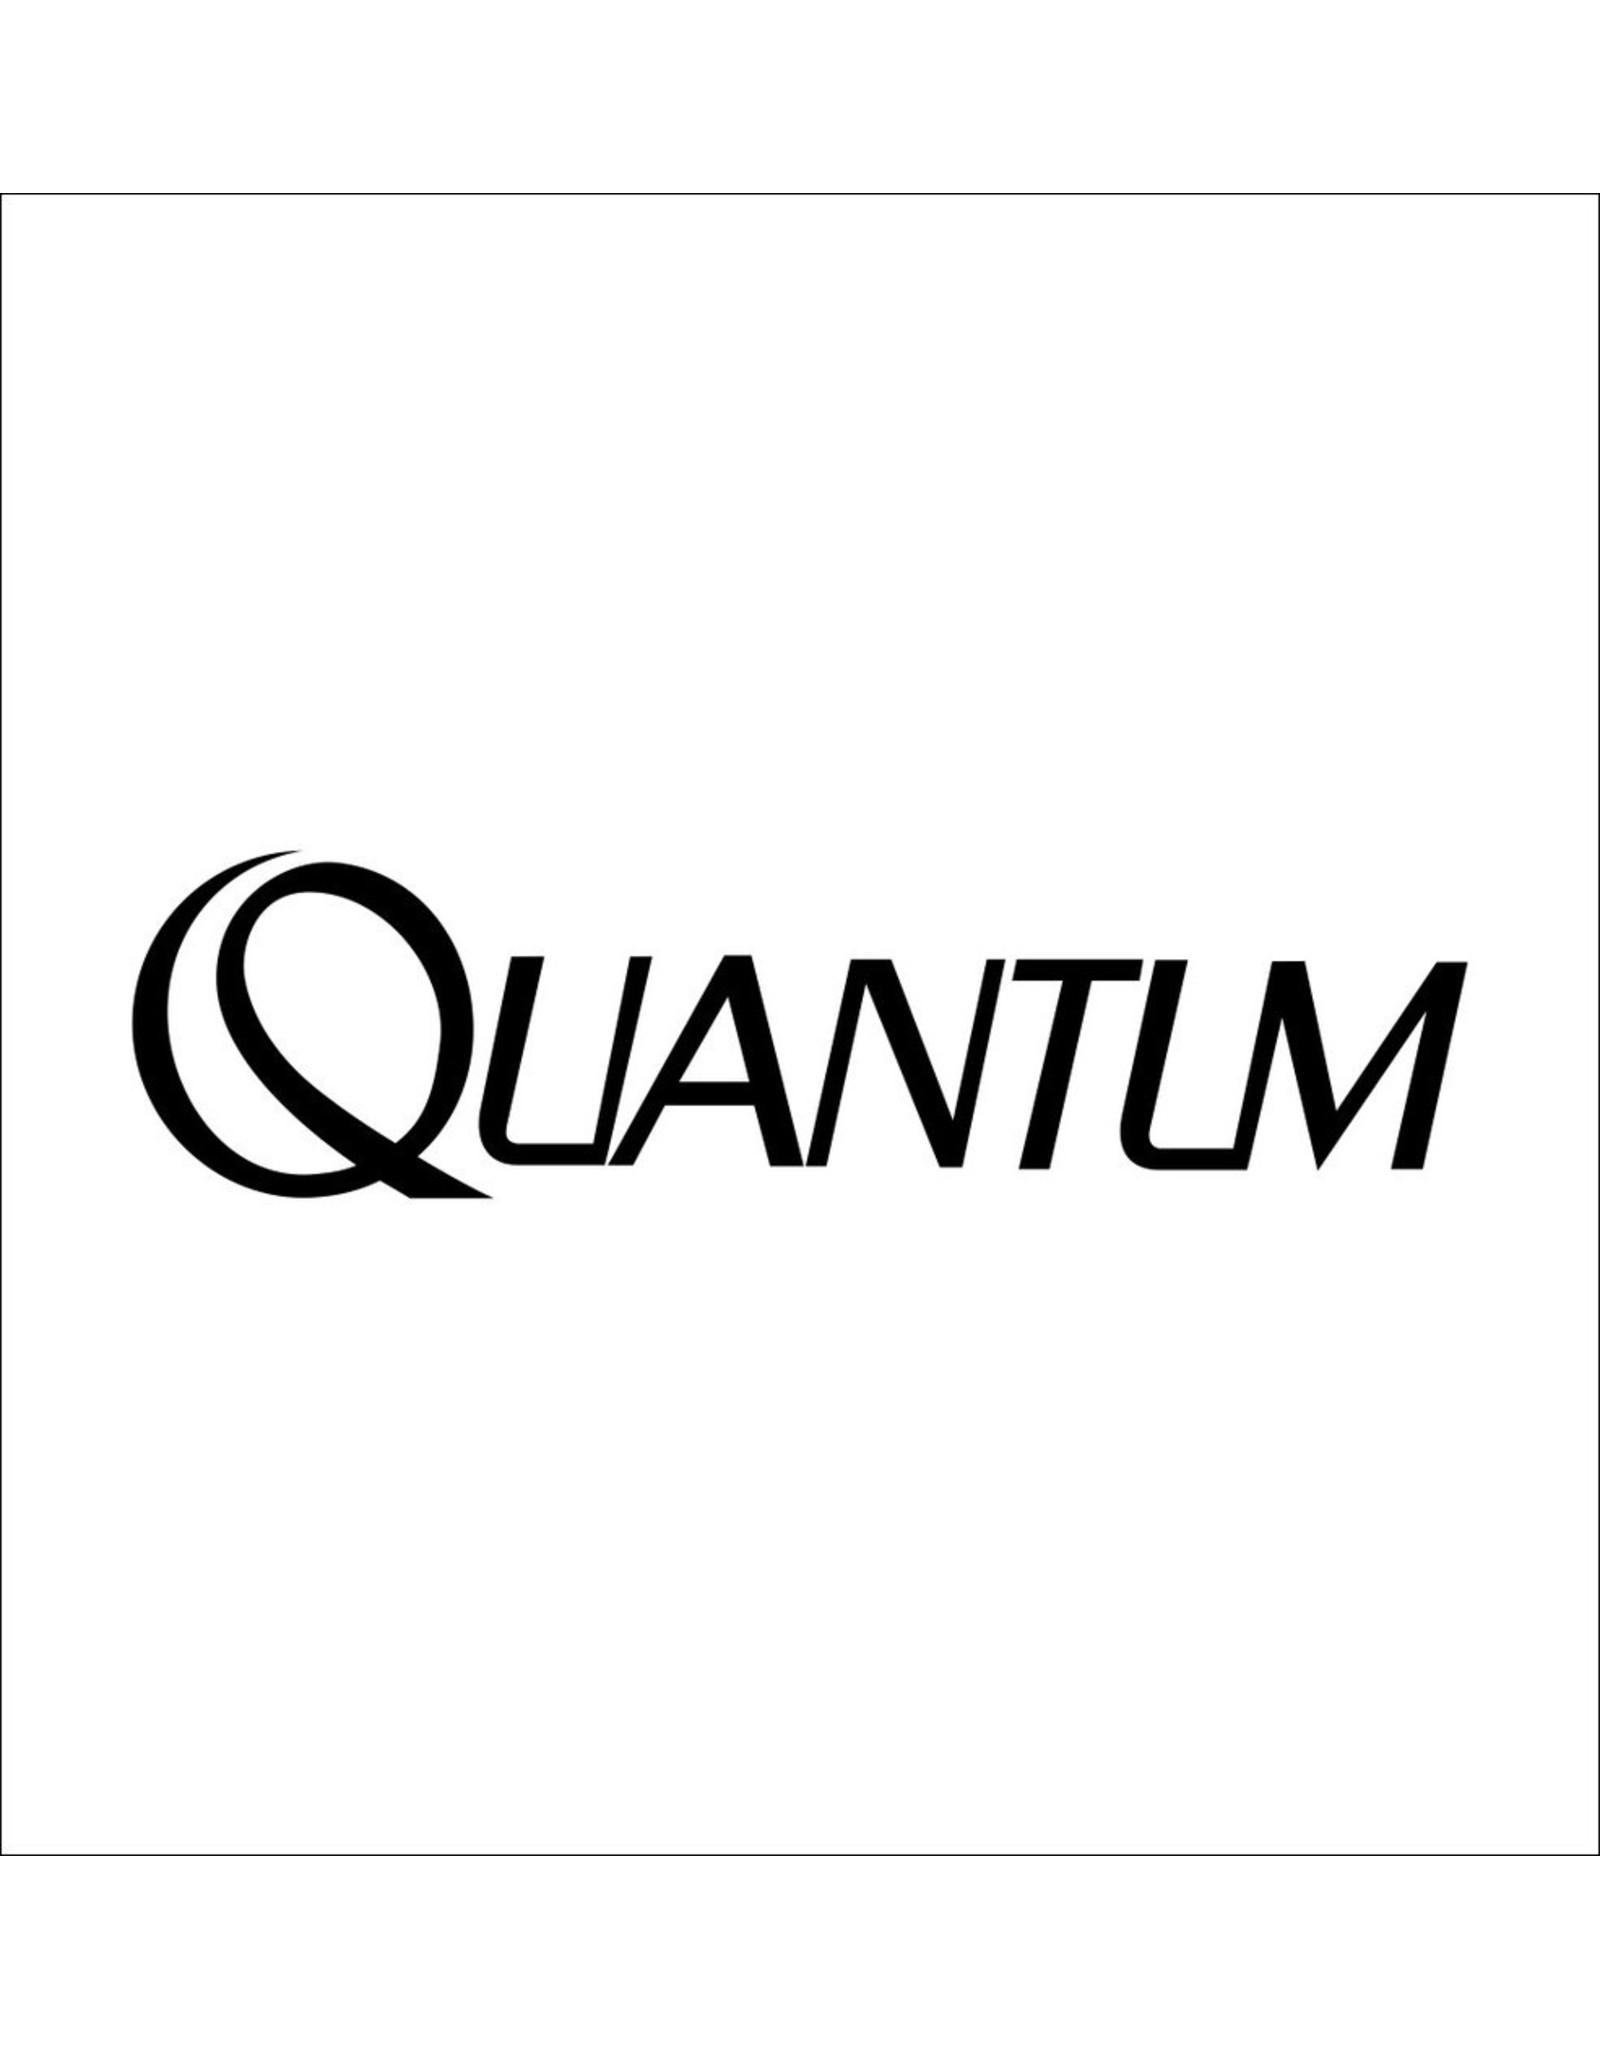 Quantum BACK COVER